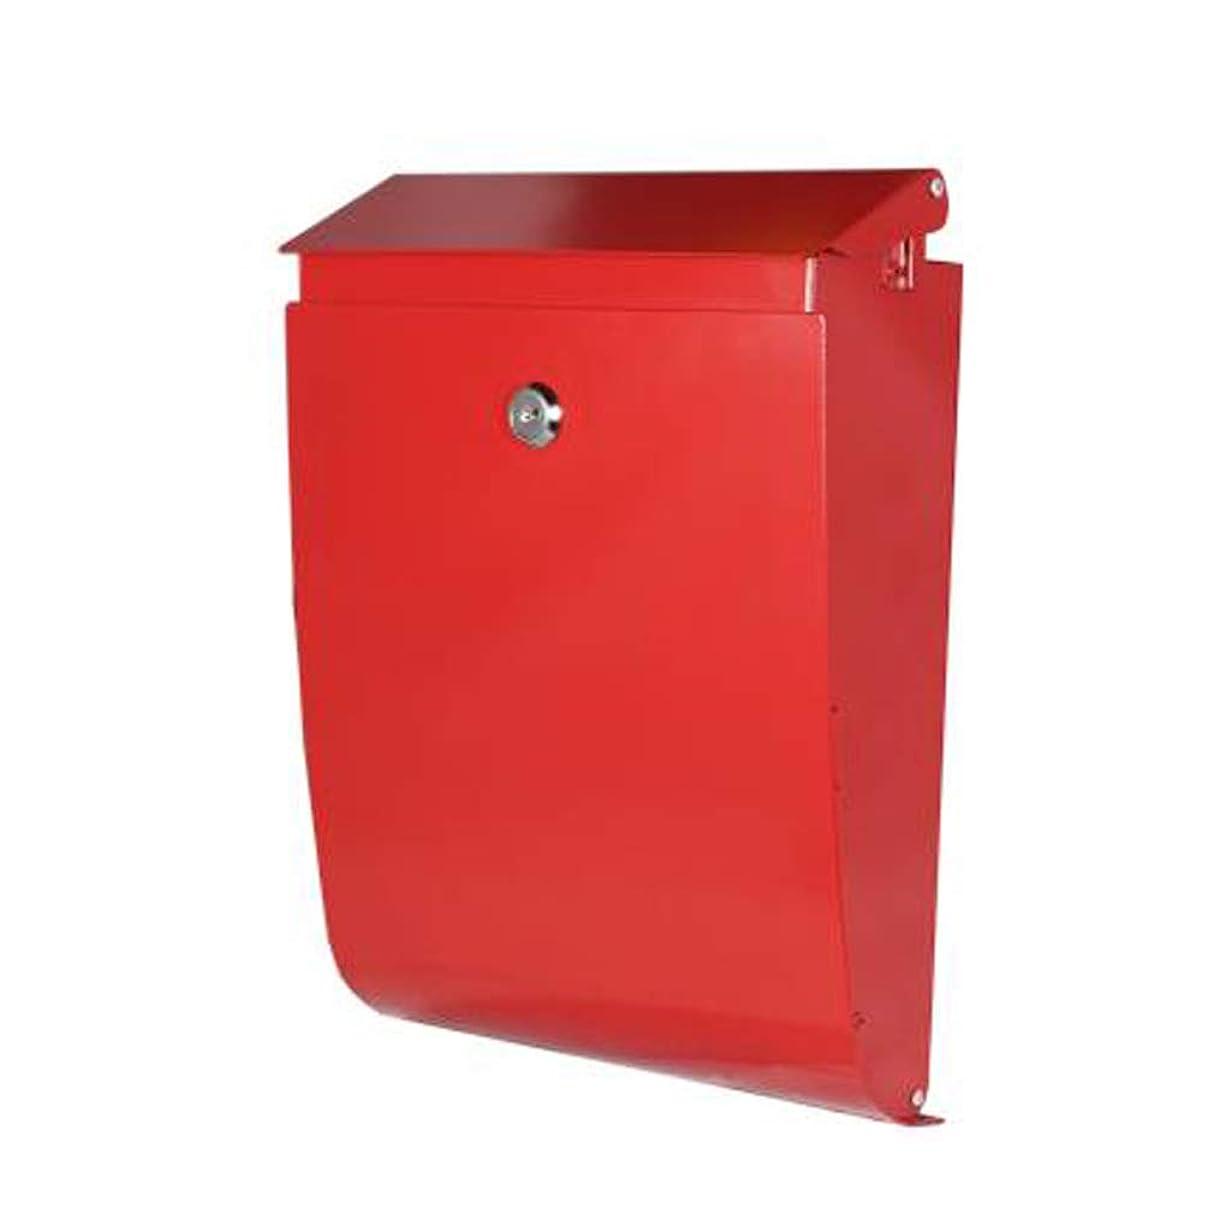 邪魔するバラエティ混沌HTDZDX 壁掛け郵便箱、レターボックス、屋外壁掛け防水装飾レターボックス、赤